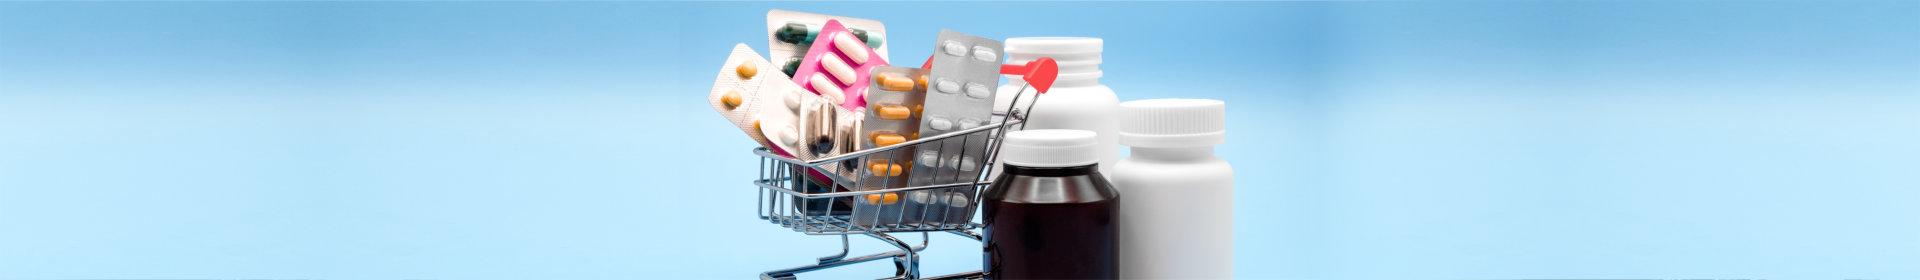 cart and medicines